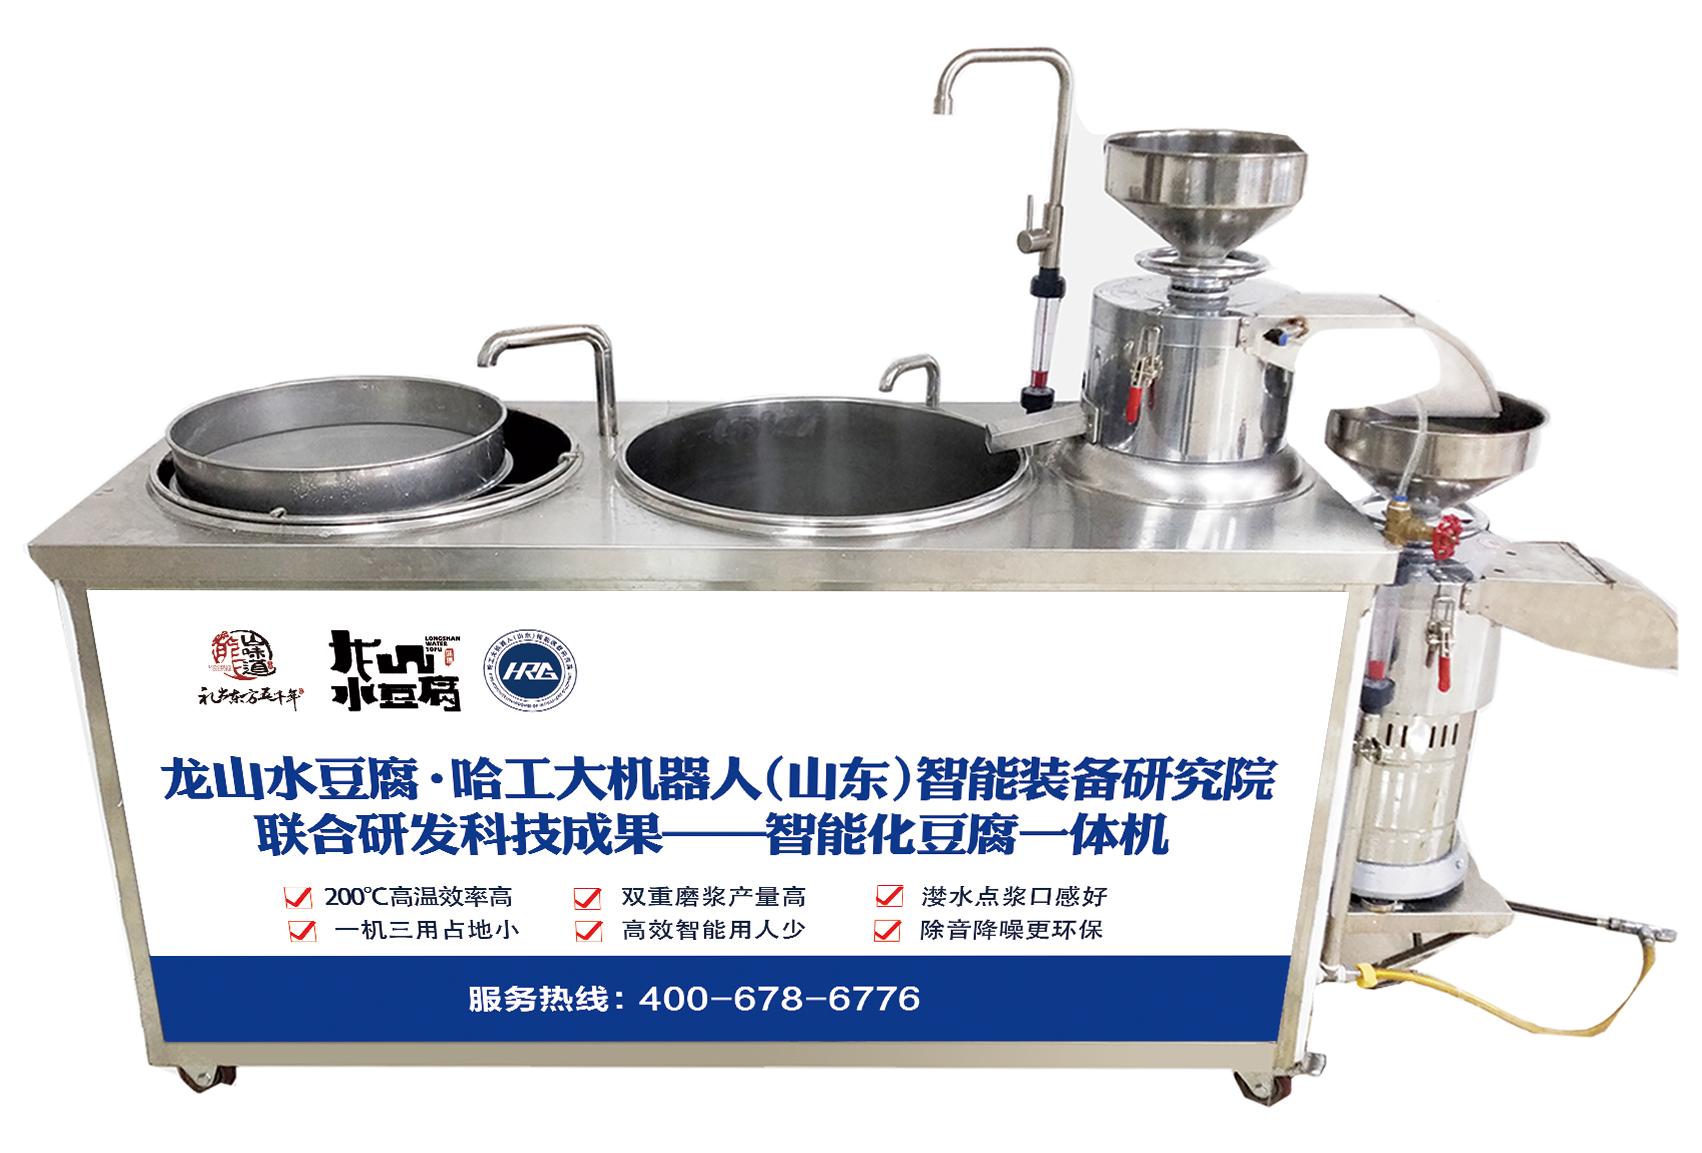 全自动豆腐设备多少钱来龙山水豆腐加盟来看看